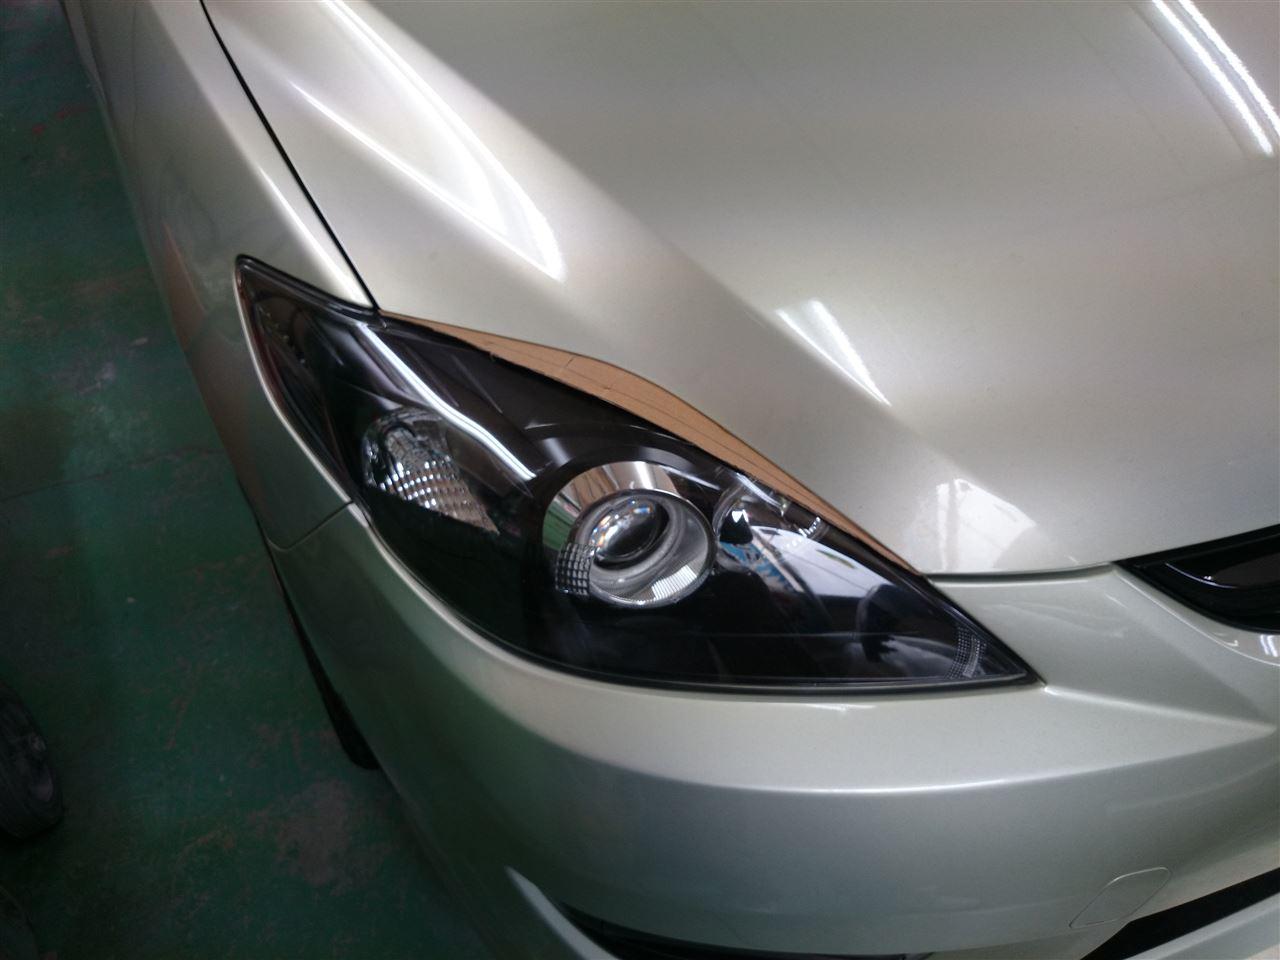 東京都立川市の車の板金塗装修理工場 ガレージローライドのマツダ プレマシーのボンネットカスタム です。